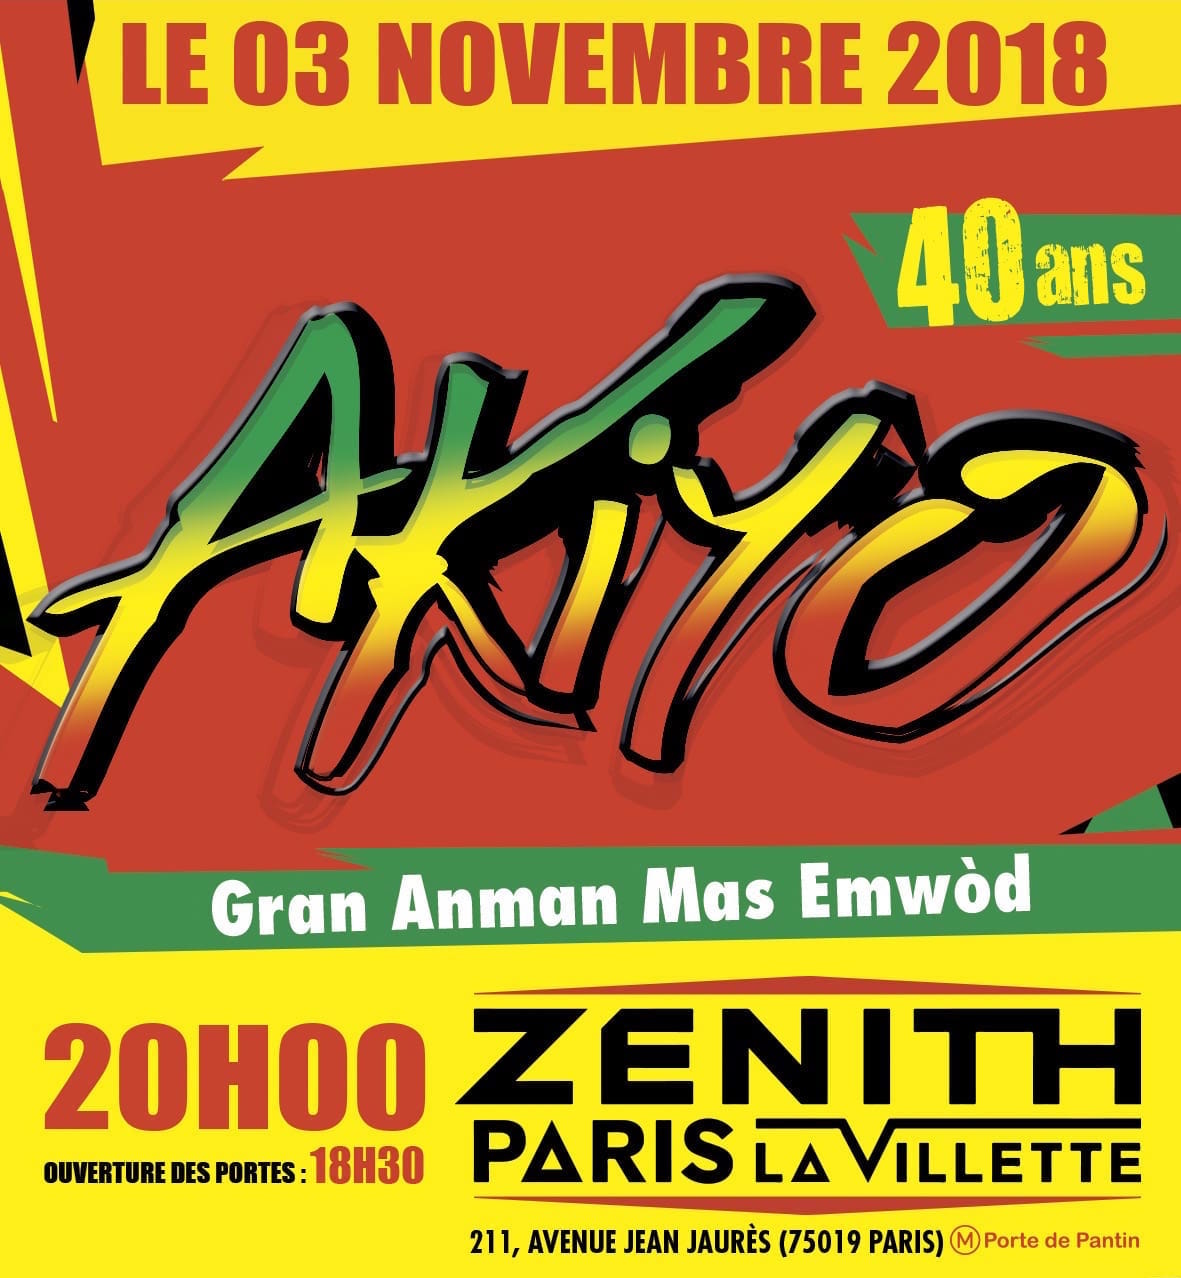 Les 40ans d'Akiyo - Zenith de Paris